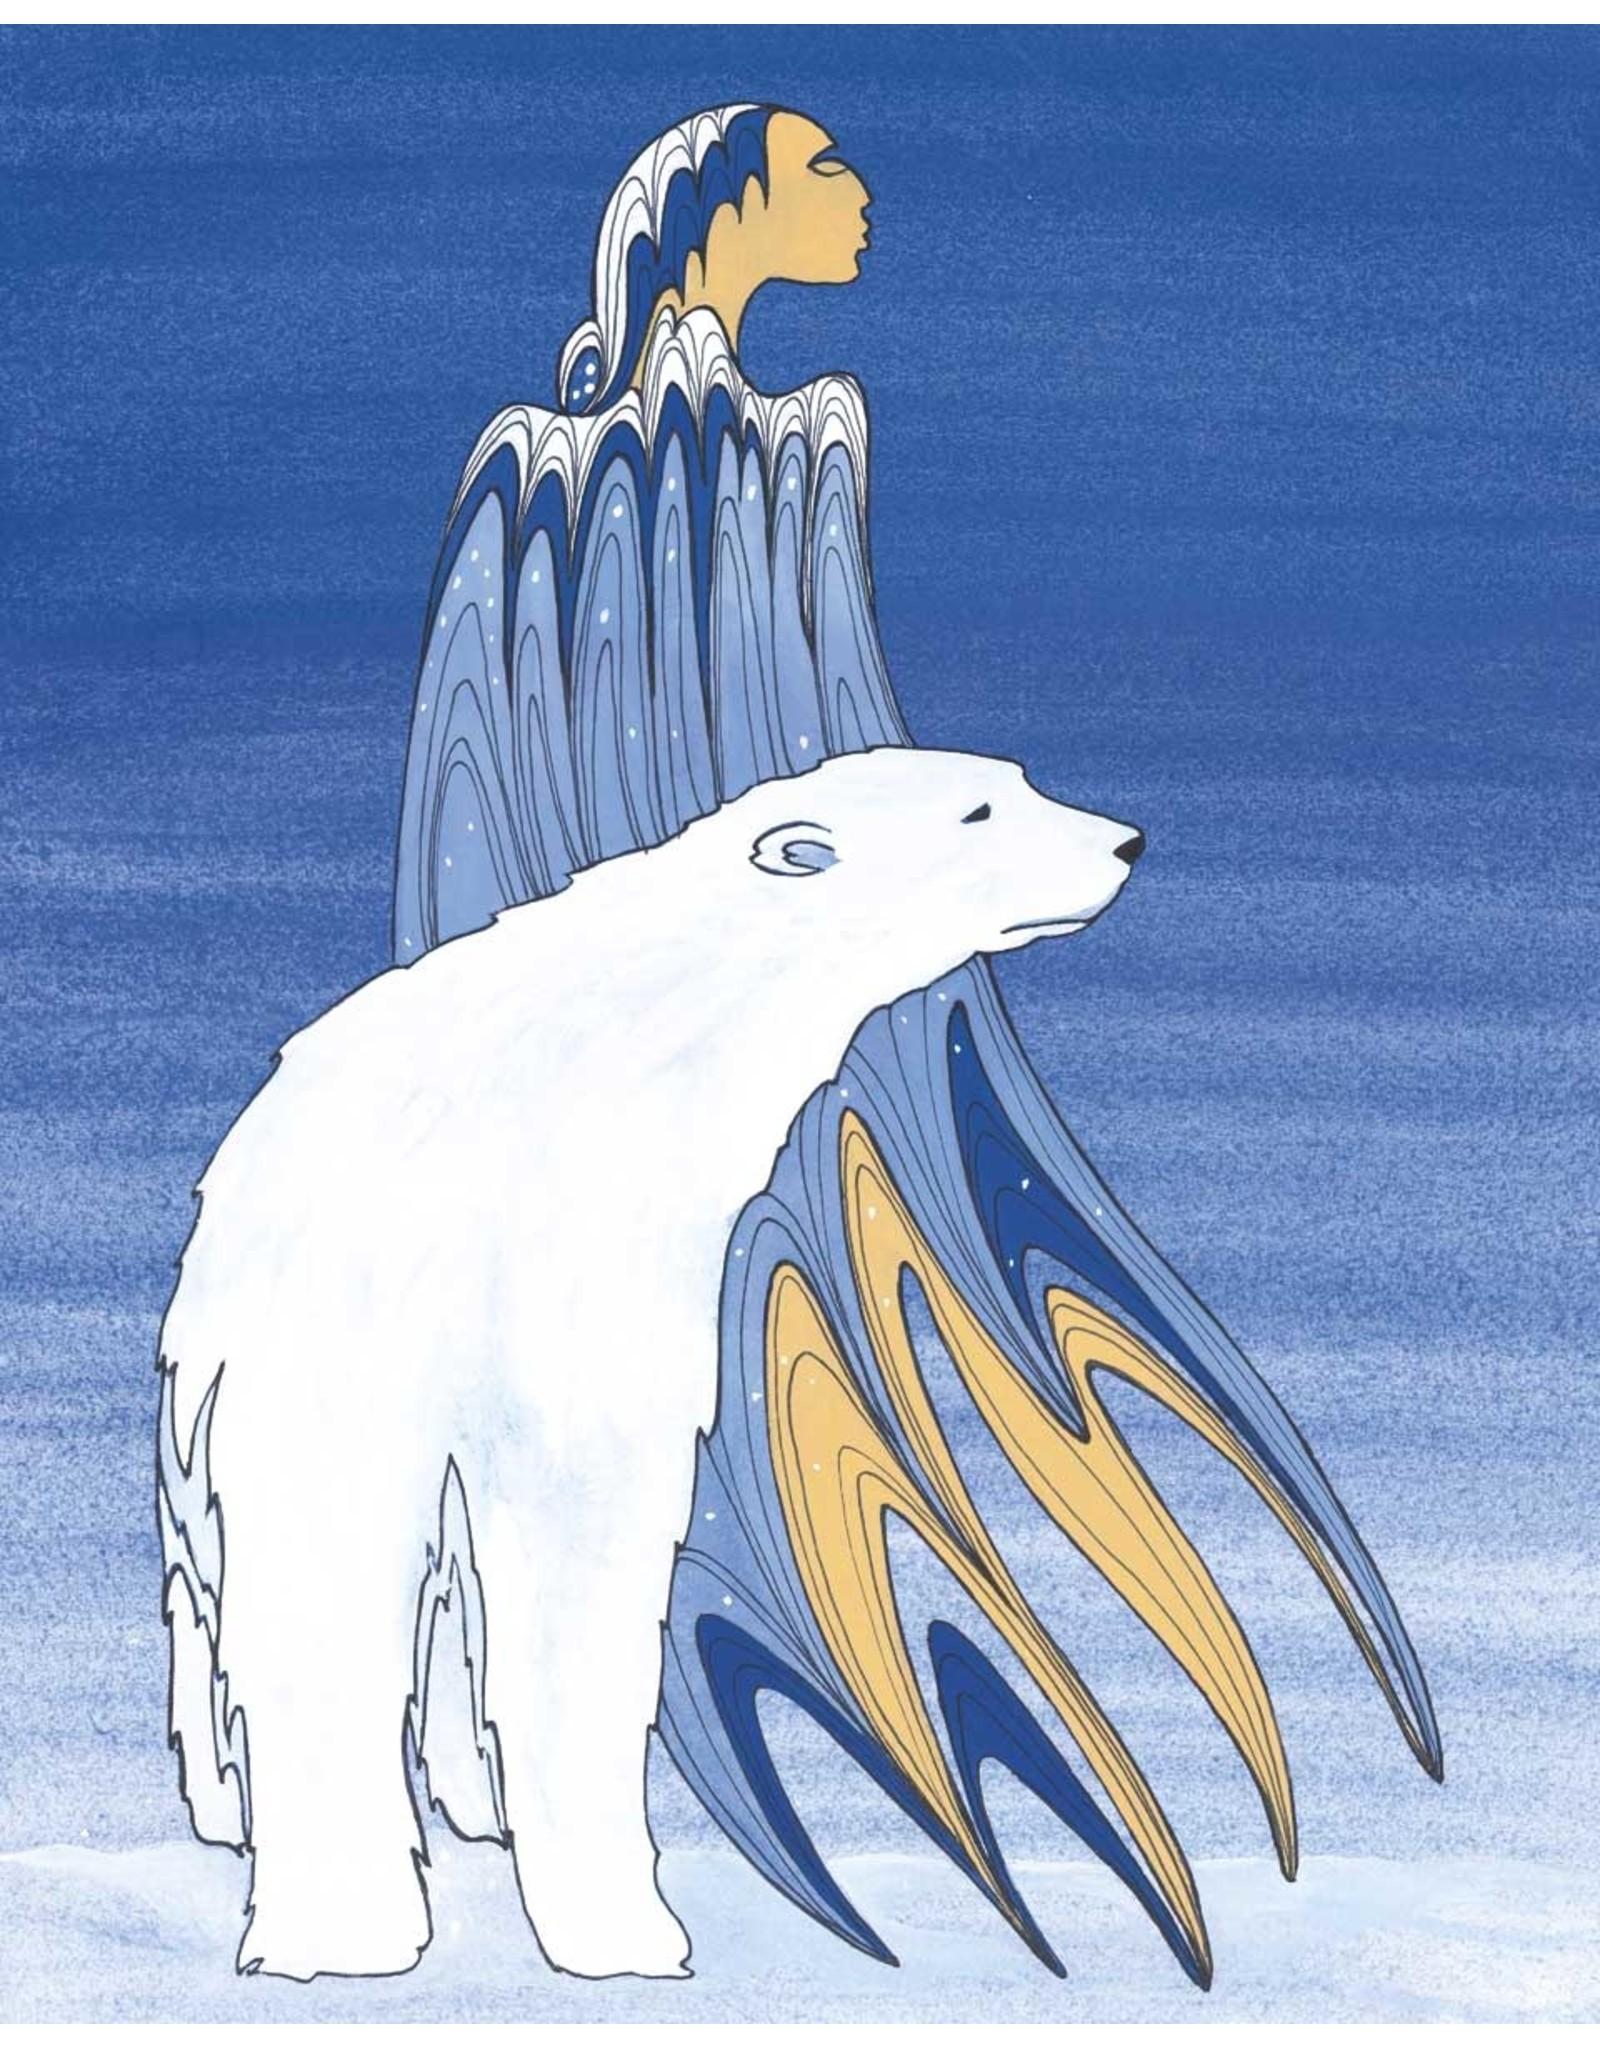 Mother Winter par Maxine Noel Édition Limitée